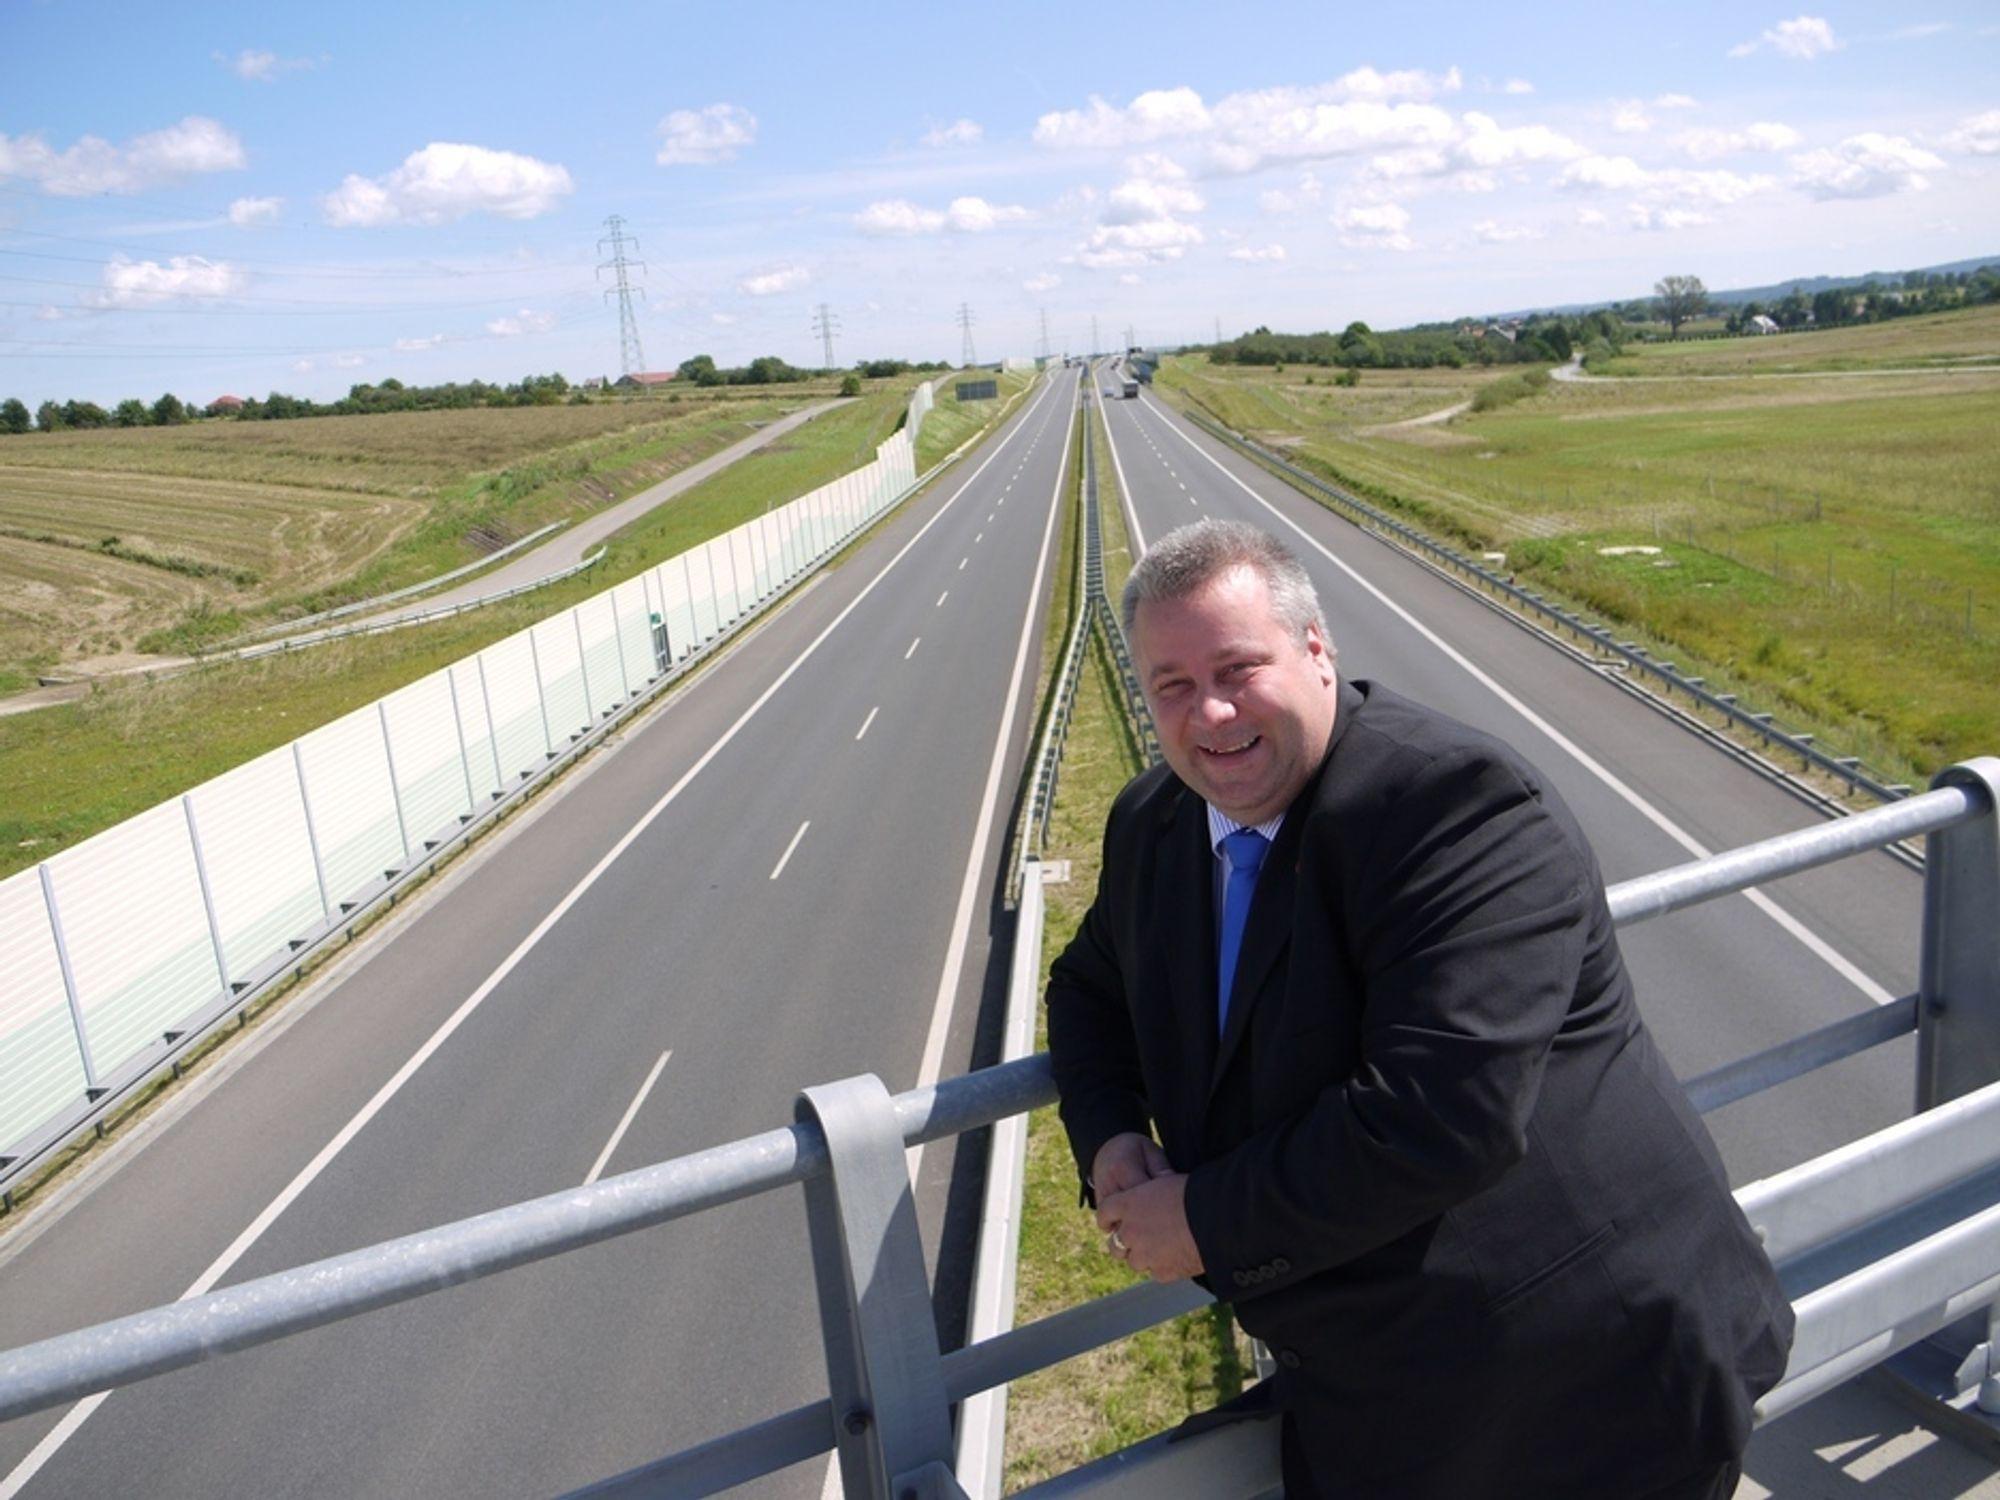 BYGGES UTEN BOMPENGER:-Polen bygger 2500 kilometer motorveier og ekspressveier uten bompengefinansiering, sier Bård Hoksrud (Frp) i Transportkomiteen på Stortinget.